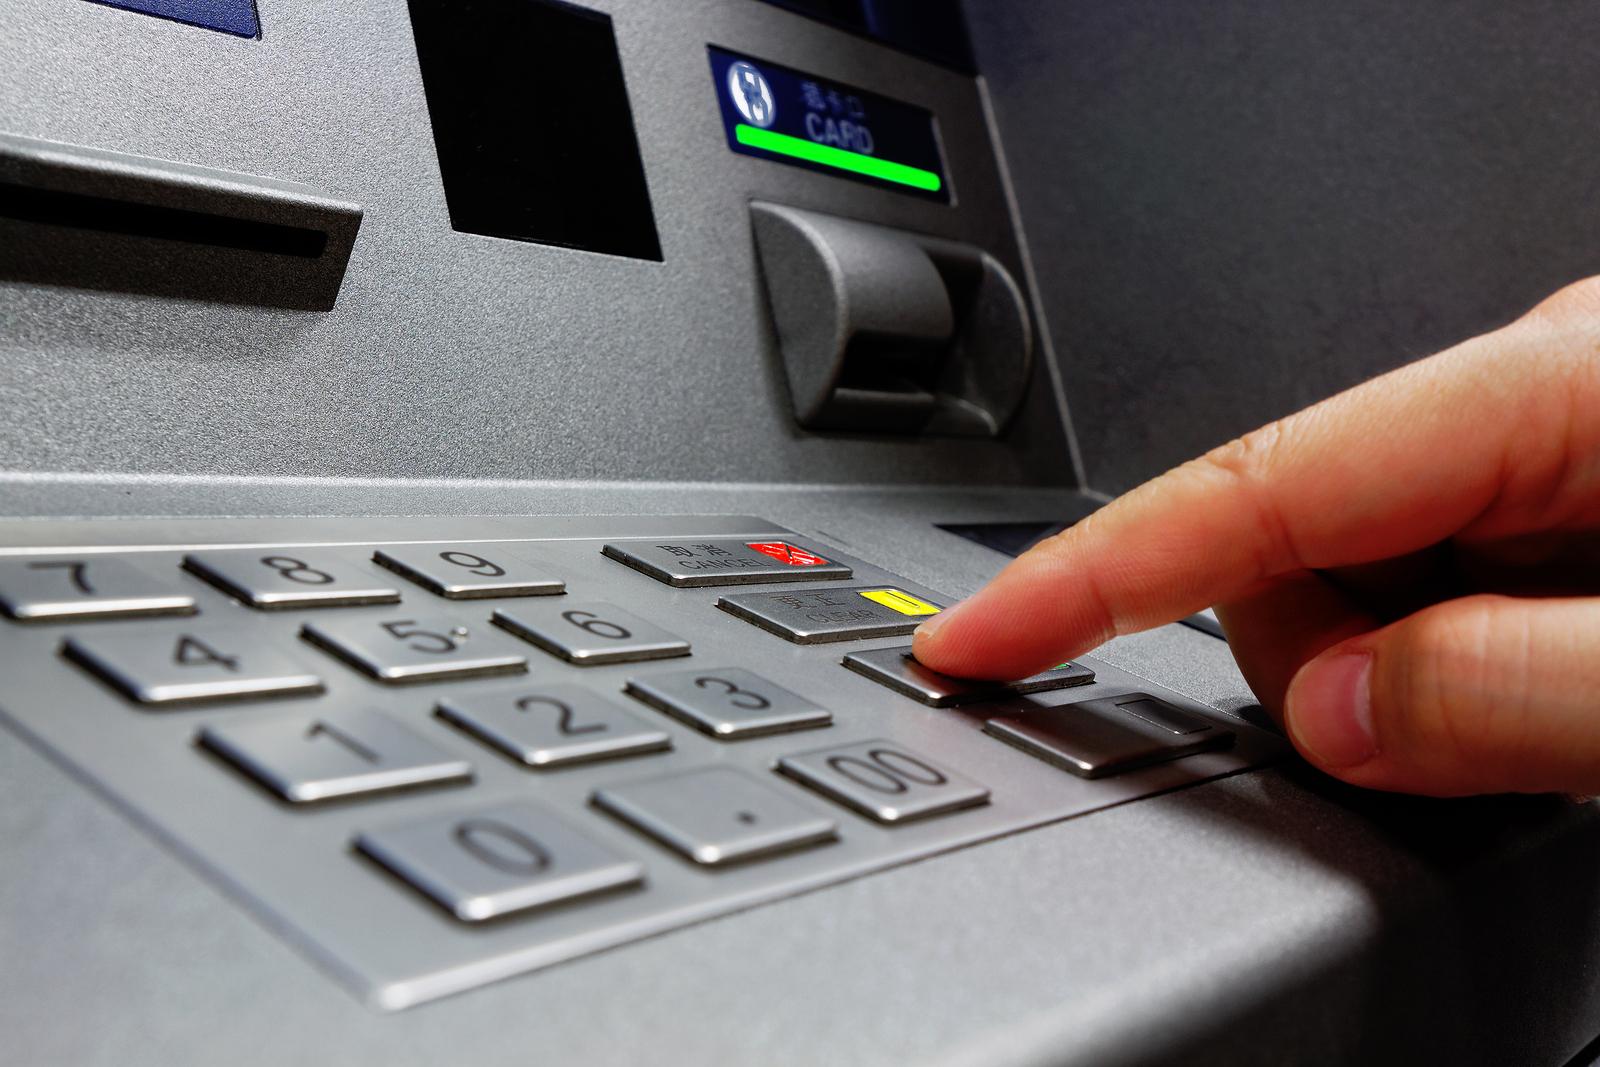 Красноярец забыл банковскую карту втерминале ипотерял 50 тыс.